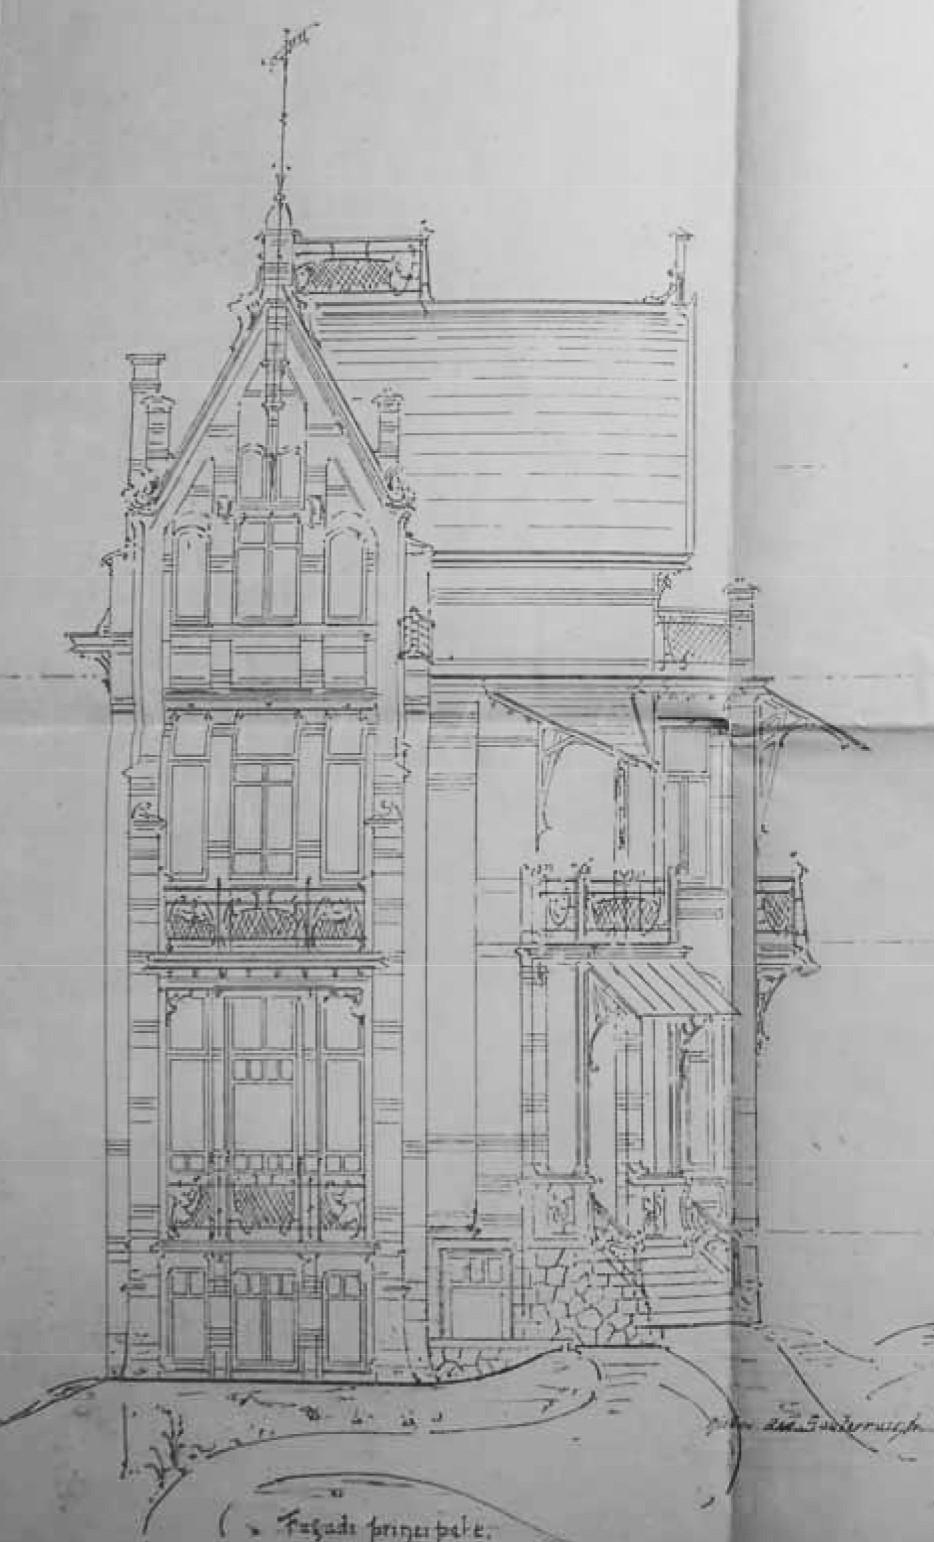 Projet De Villa à Construire En Périphérie Bruxelloise, 1899 1900 (Carlo R.